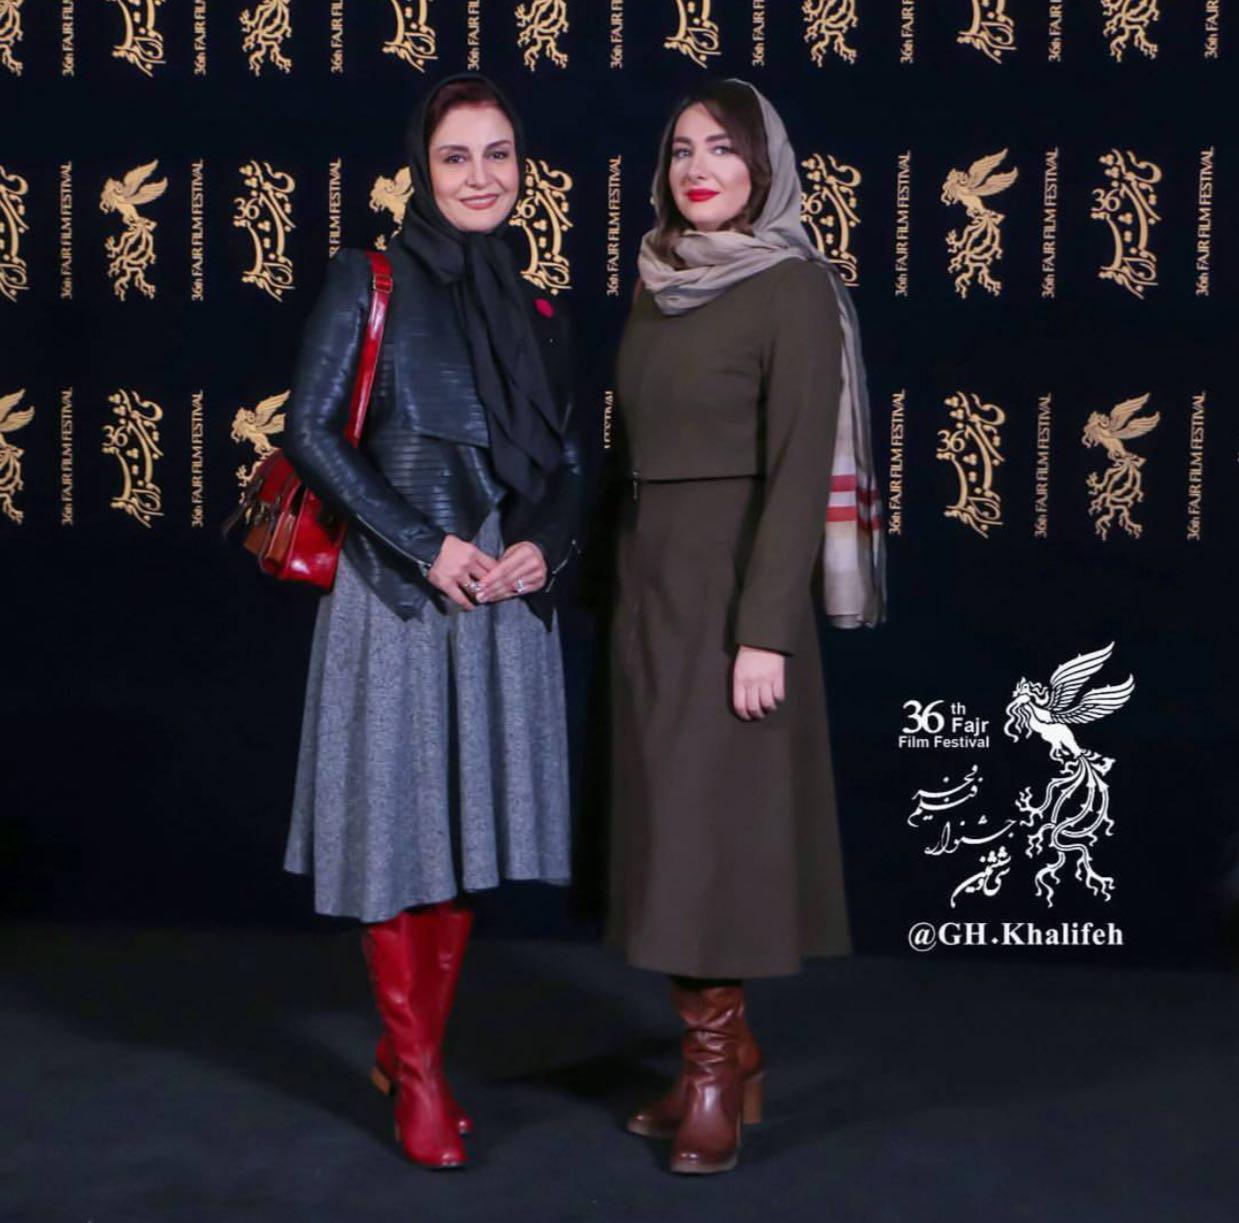 تیپ زدن متفاوت دو خانم هنرپیشه فوق مشهور برای جشنواره فیلم فجر + عکس